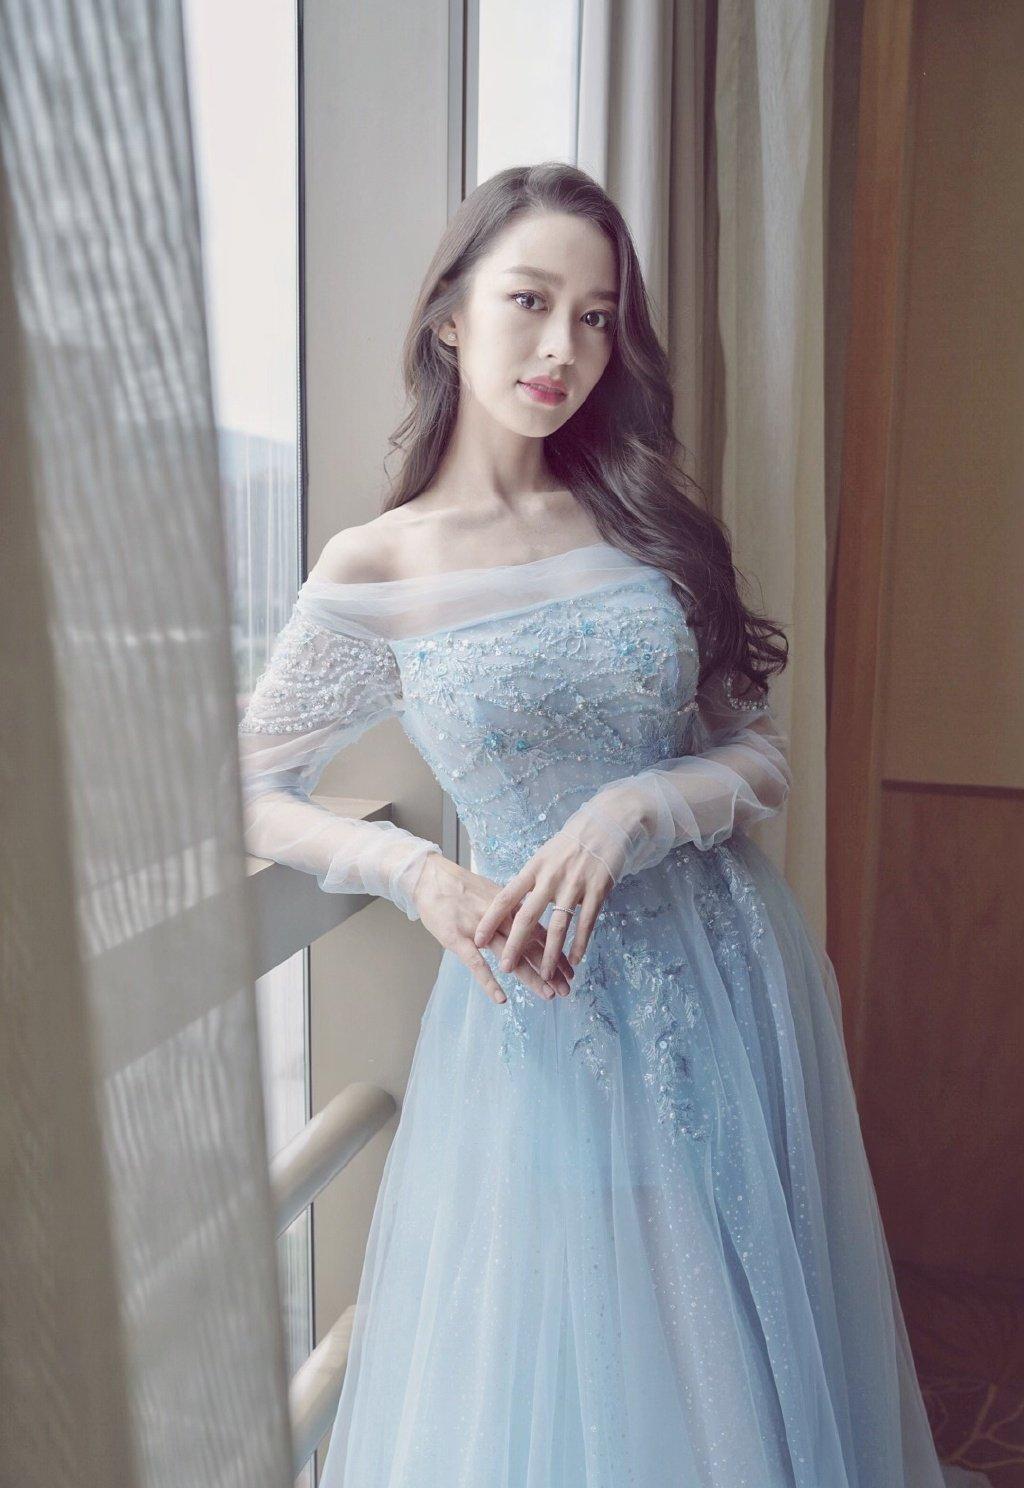 吉娜蓝色纱裙礼服性感写真图片